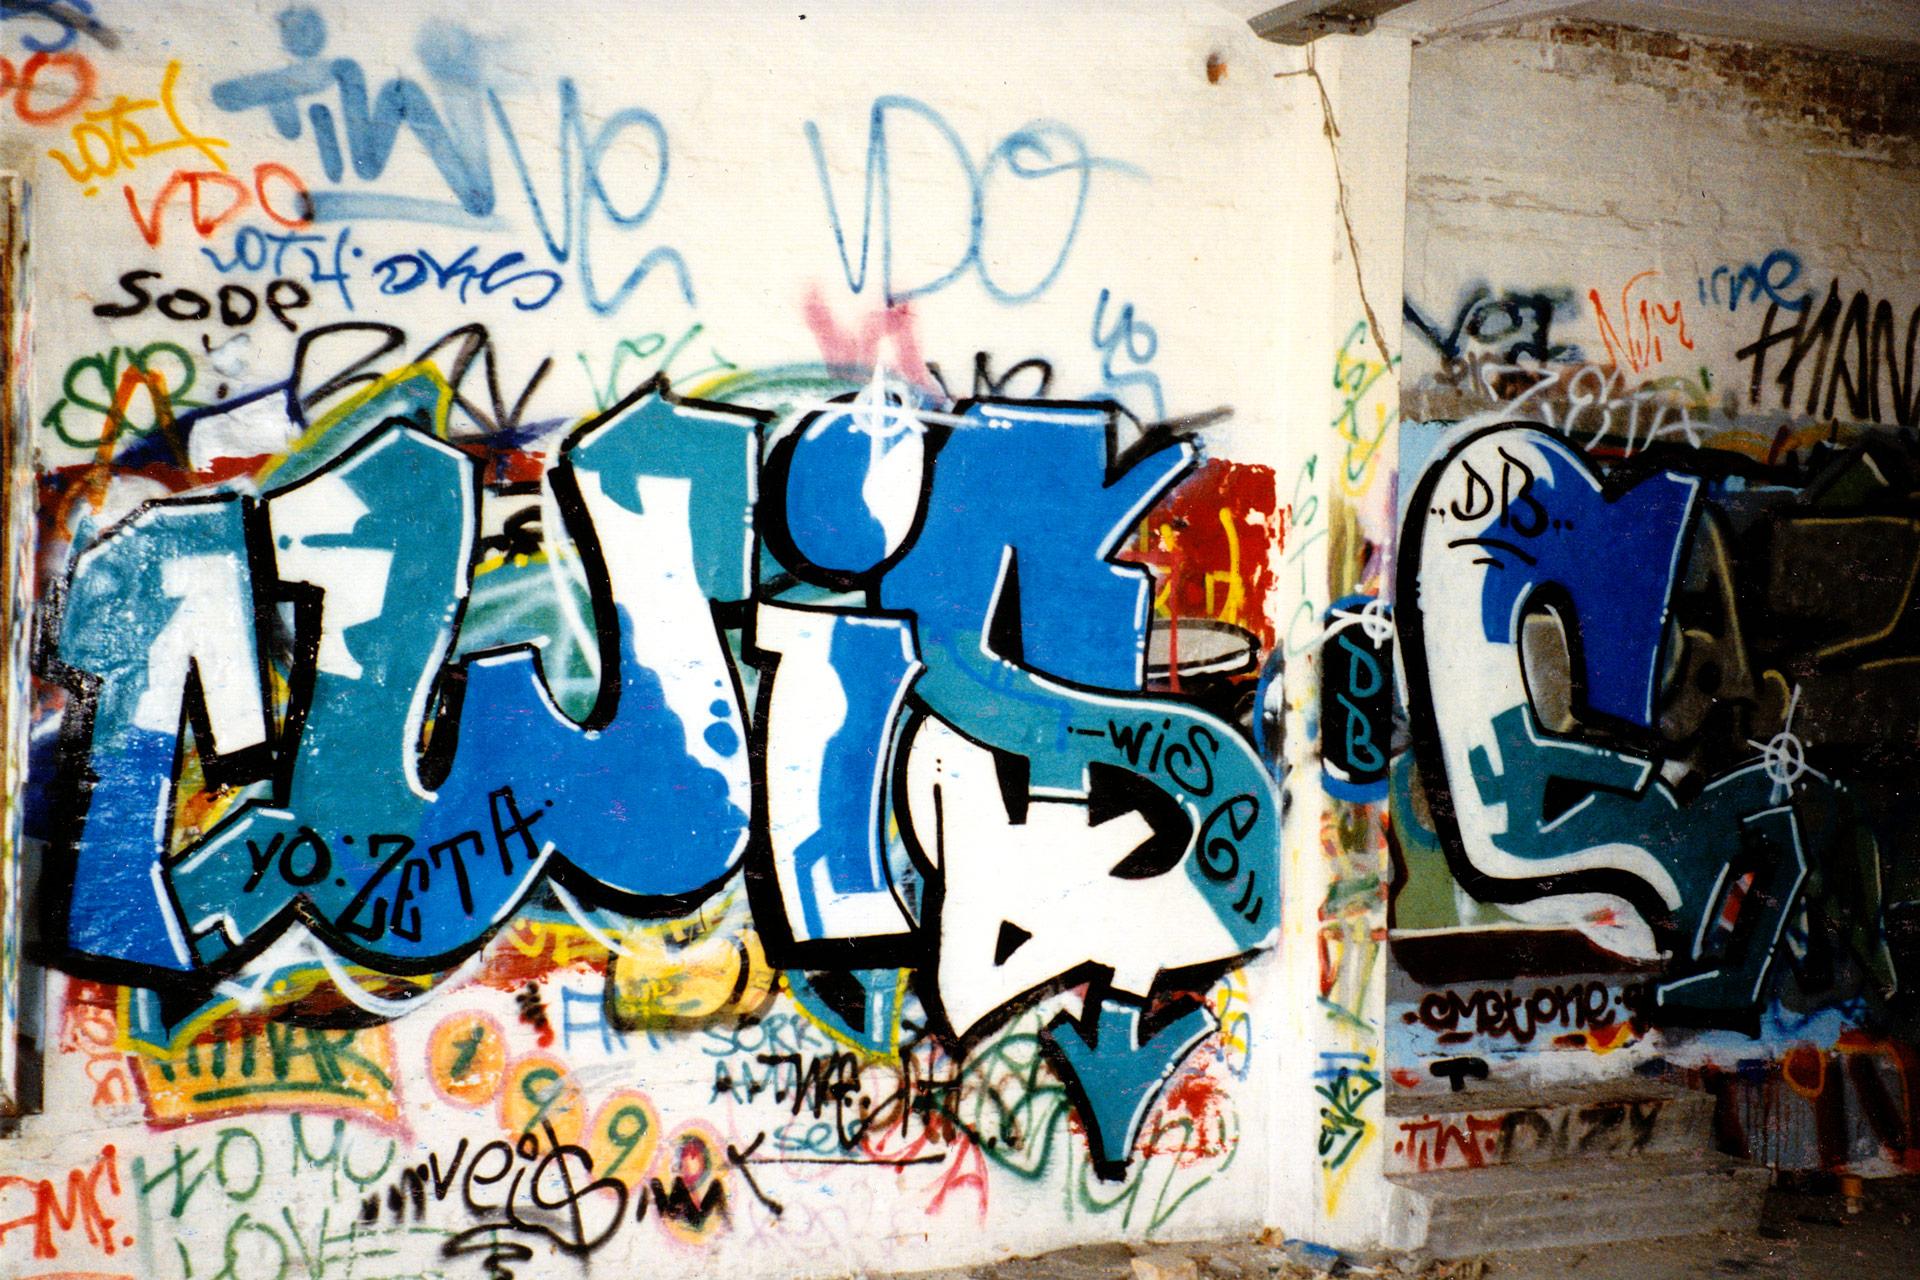 wise-syrefabrikken-1998-05